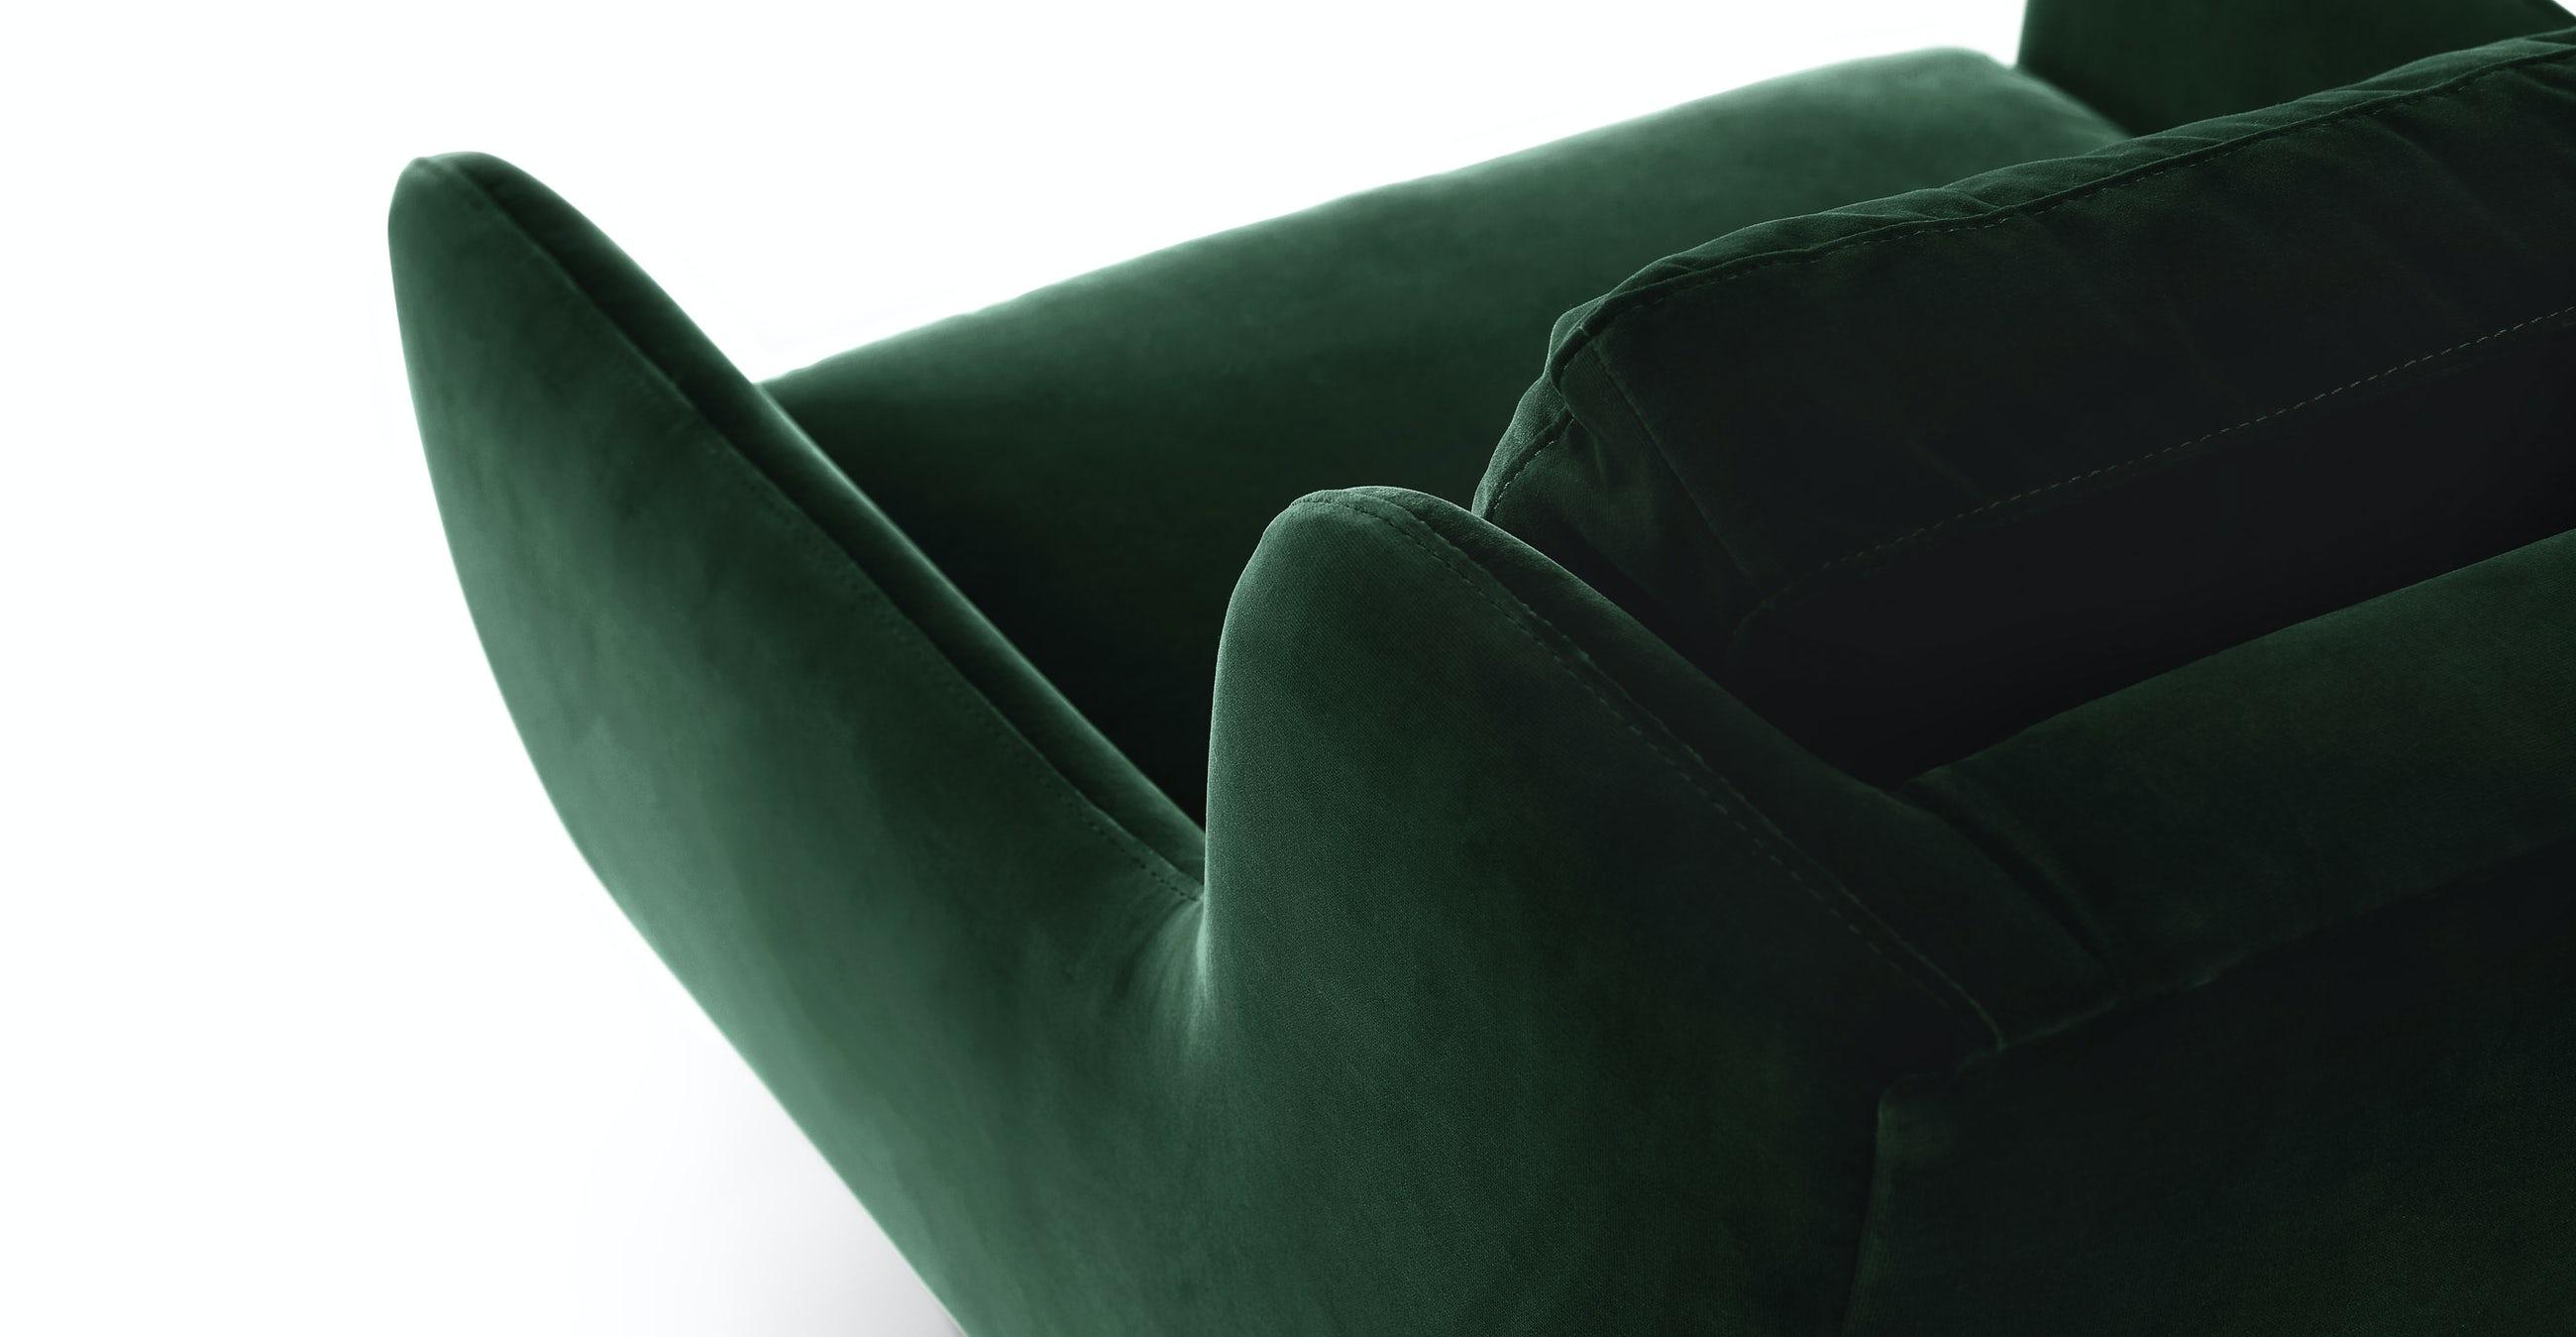 Matrix Balsam Green Chair